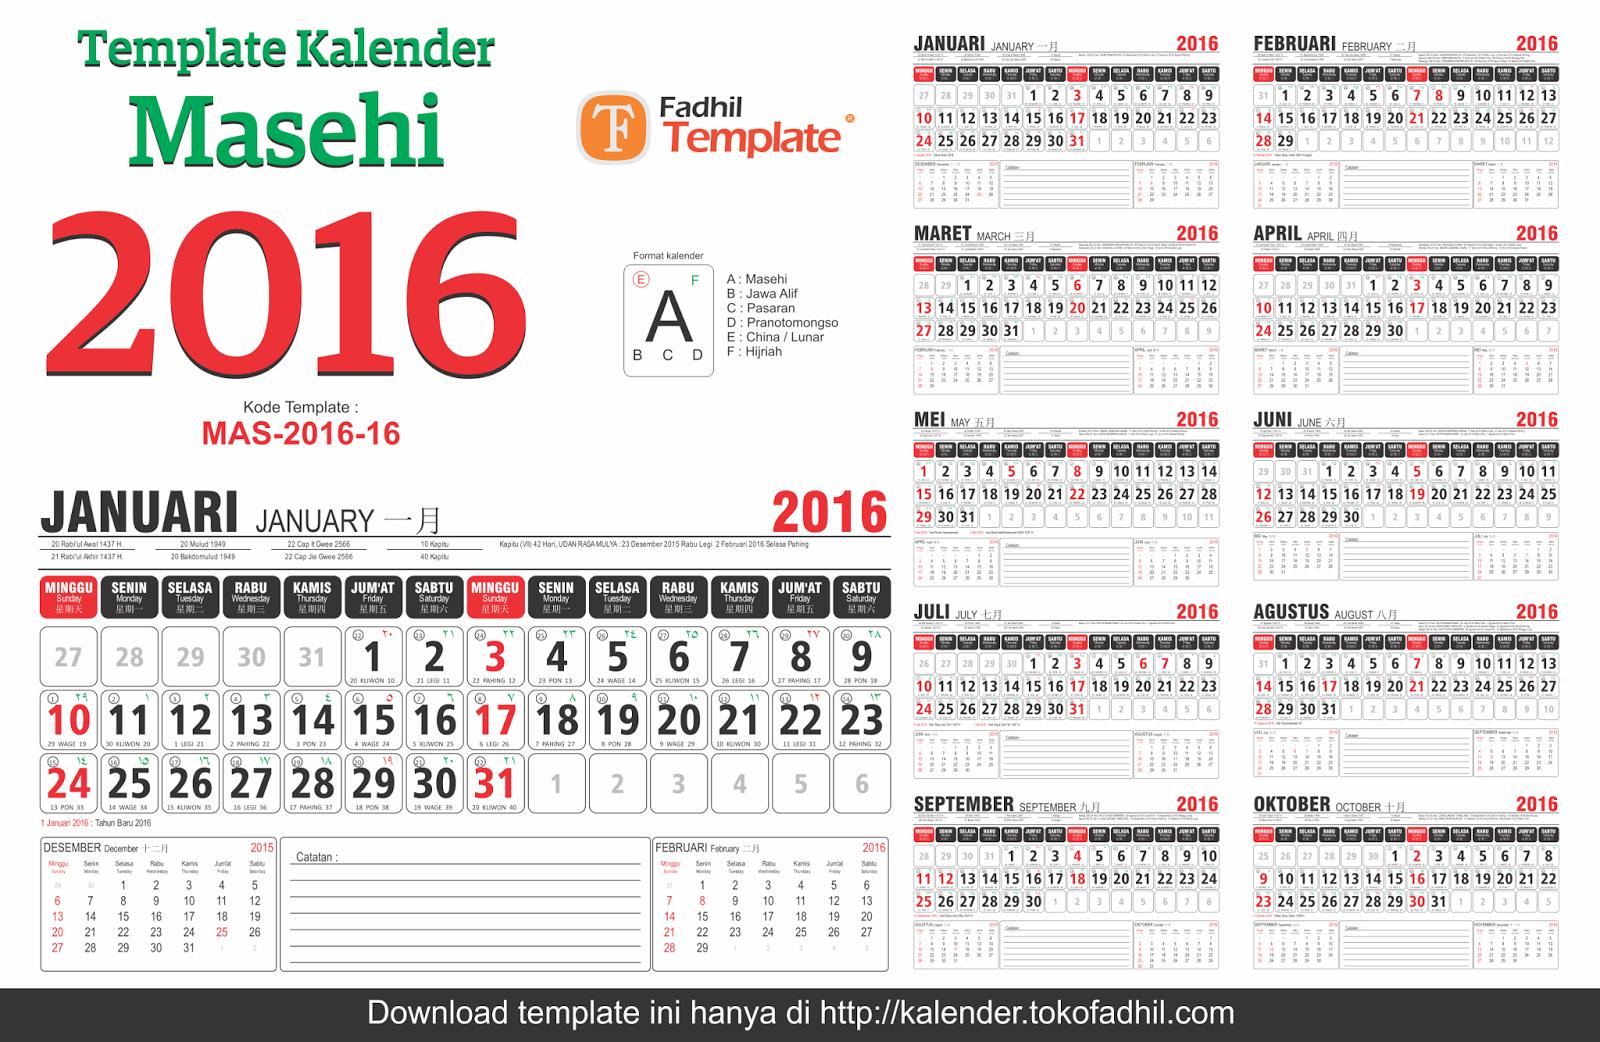 kalender 2016 indonesia cdr search results calendar 2015. Black Bedroom Furniture Sets. Home Design Ideas